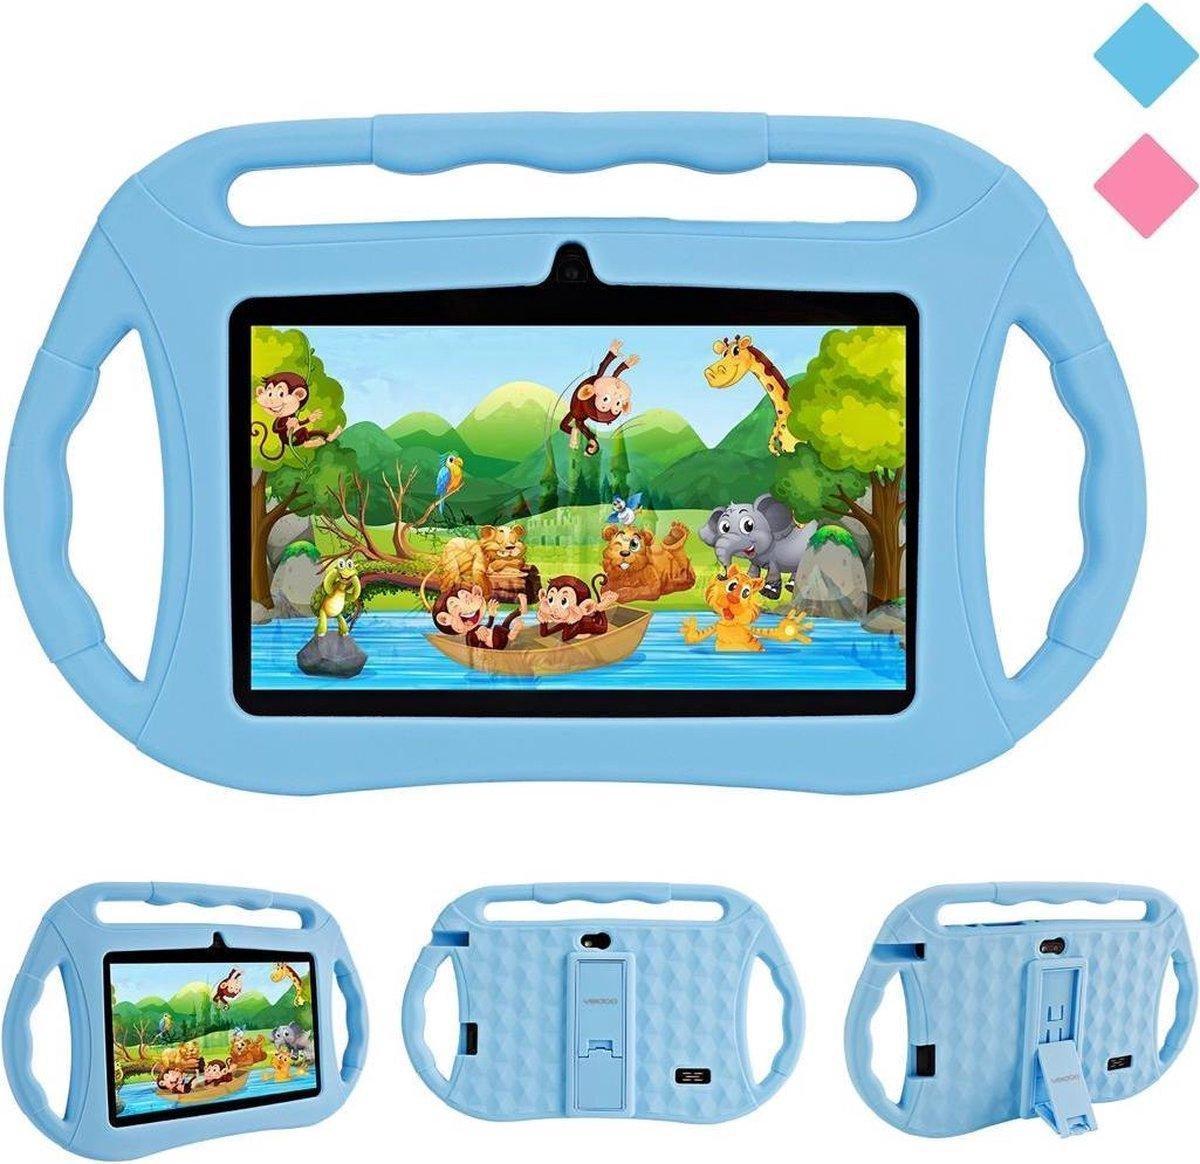 Kindertablet - tablet 7 inch - 16 GB - vanaf 2 jaar - leerzame tablet voor kinderen - Bluetooth - Wifi - spellen - camera - Blauw